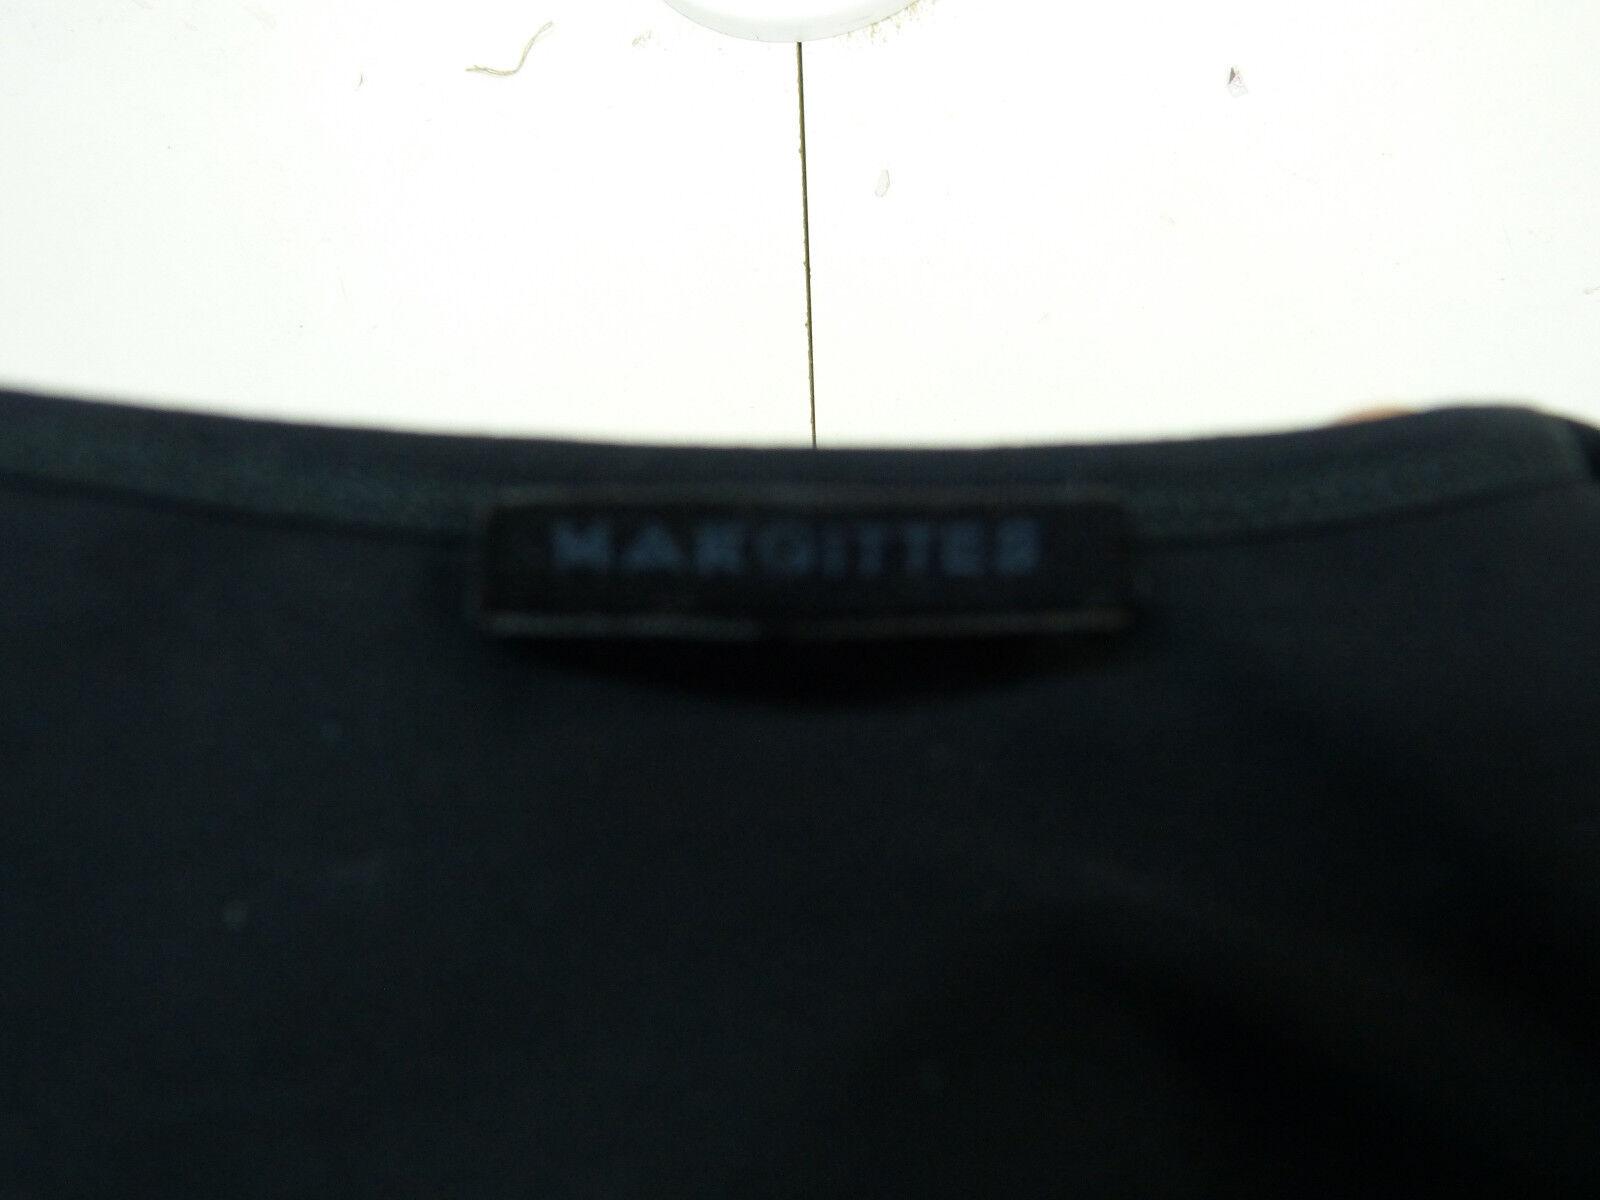 MARGITTES KLEID GR GR GR S    SCHWARZ & NEUWERTIG - MIT STRETCH  ( L 8593  )   Primäre Qualität    Deutschland Shops    Elegantes Aussehen  758b25